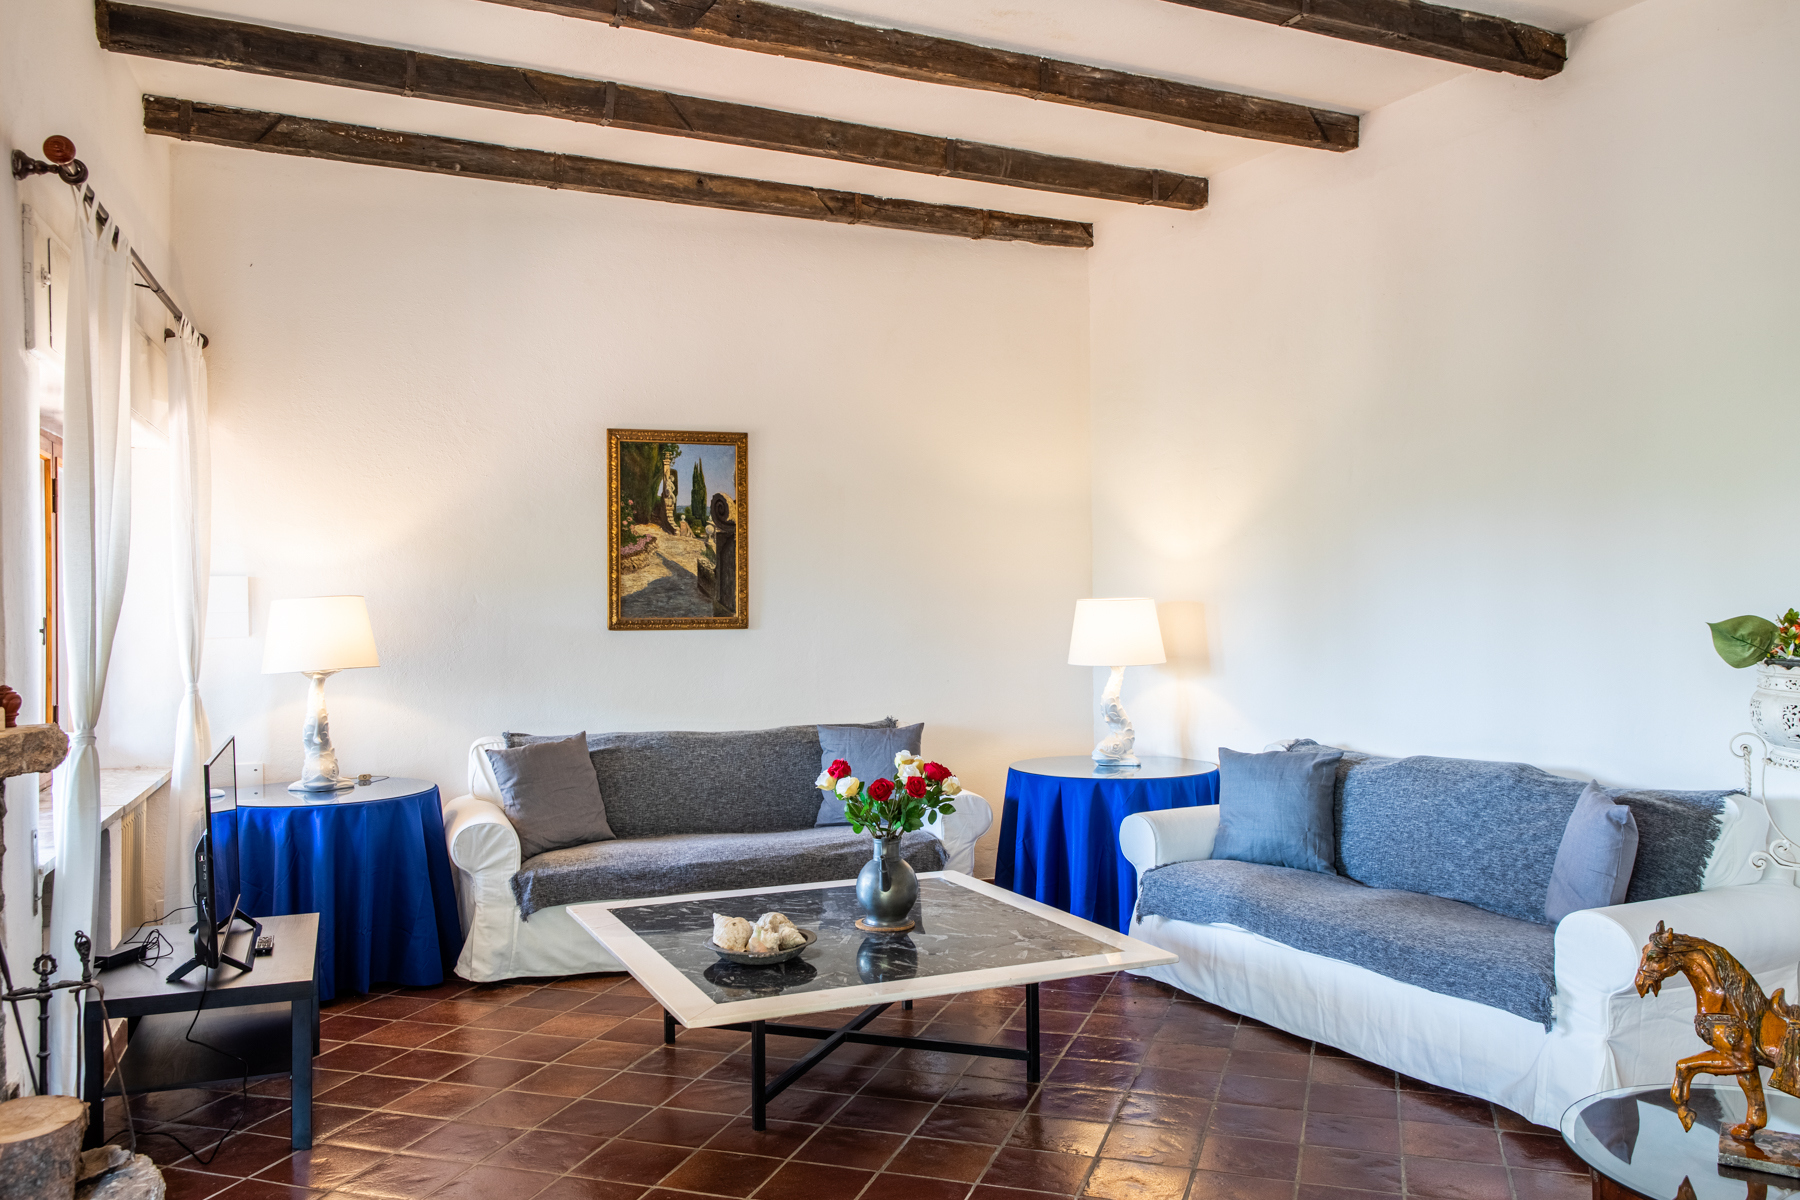 Villa in Vendita a Orbetello: 5 locali, 240 mq - Foto 11